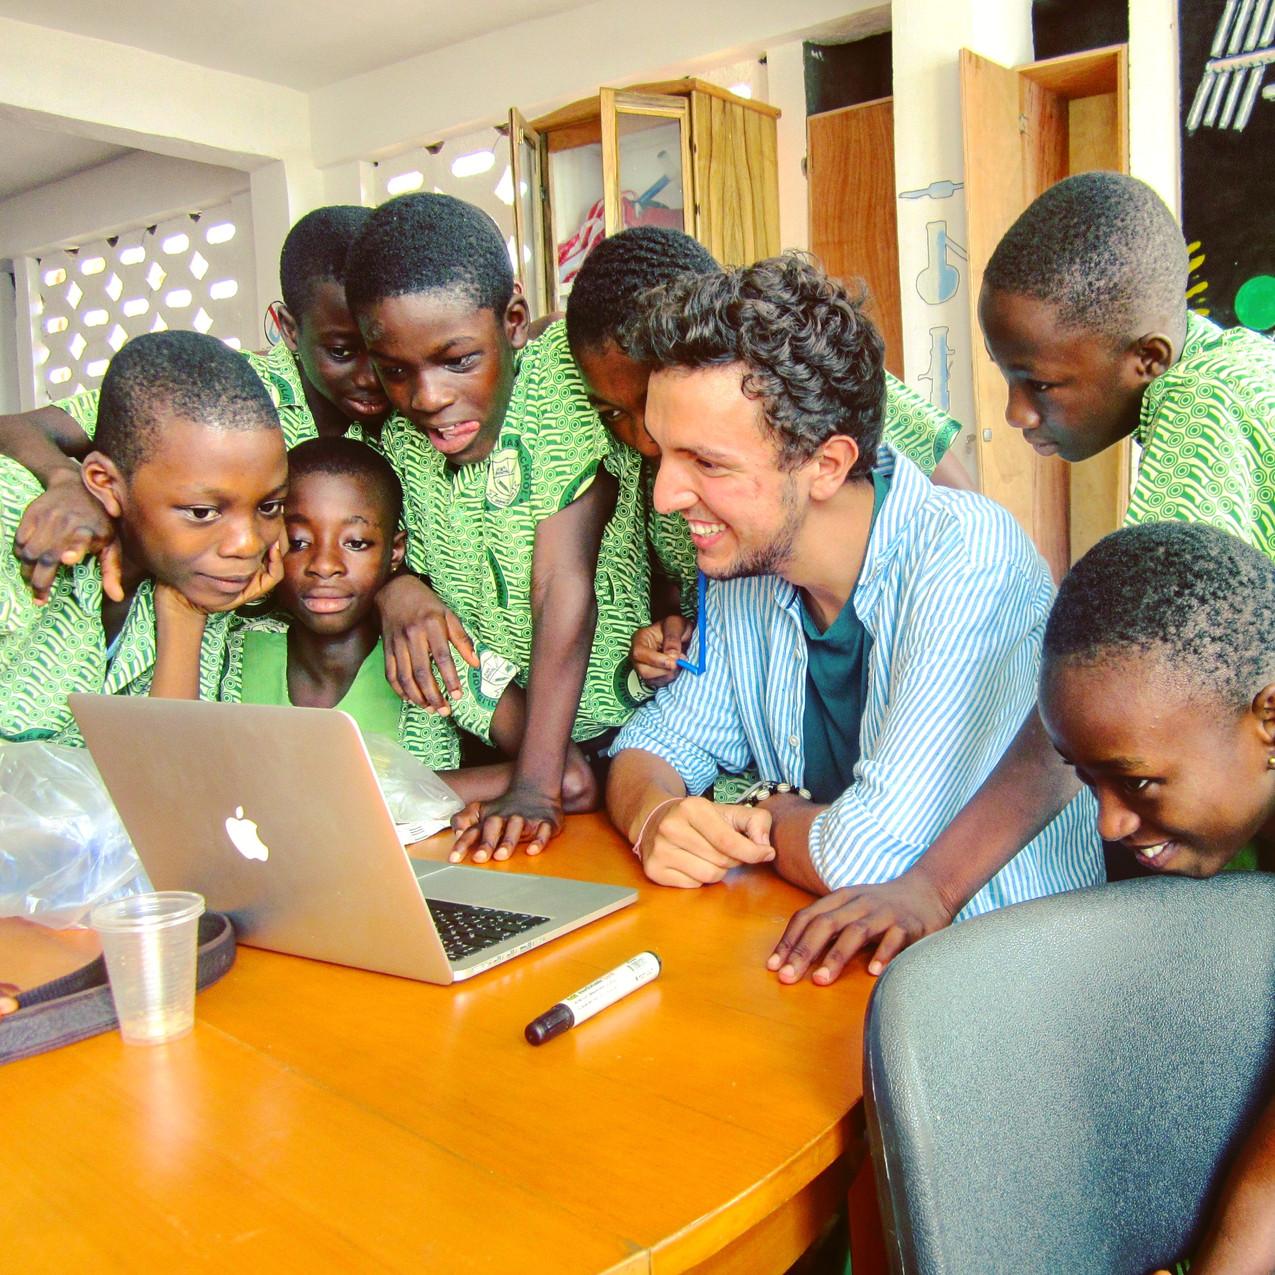 Joe Burton as SIR at Lab_13 Ghana